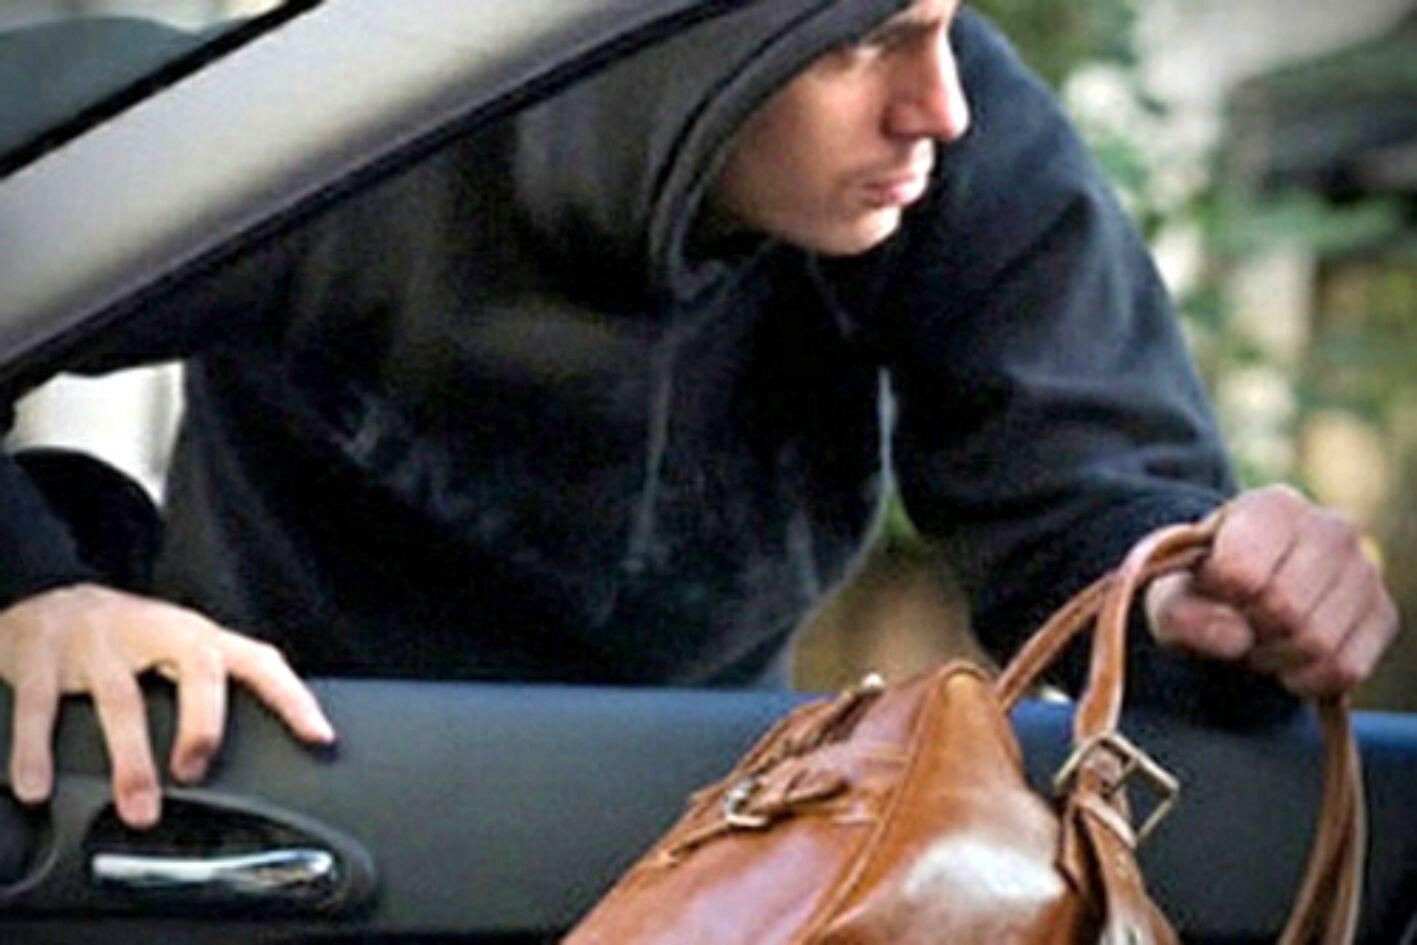 ВКиеве неизвестный обокрал автомобиль народного депутата, милиция возбудила дело